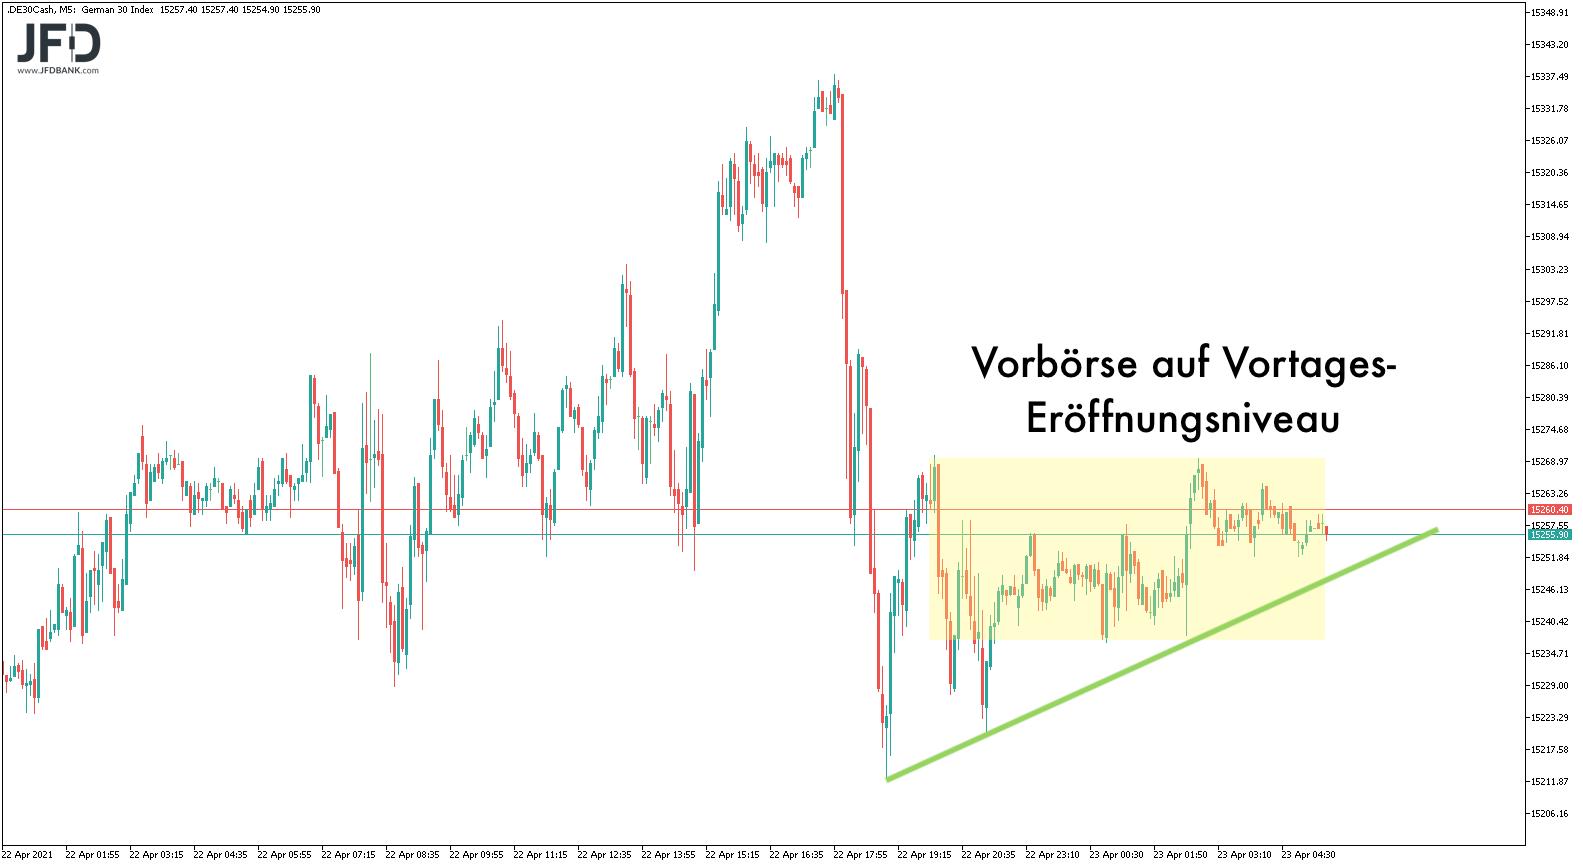 EZB-Impuls-versus-US-Steueranhebungen-Kommentar-JFD-Bank-GodmodeTrader.de-7